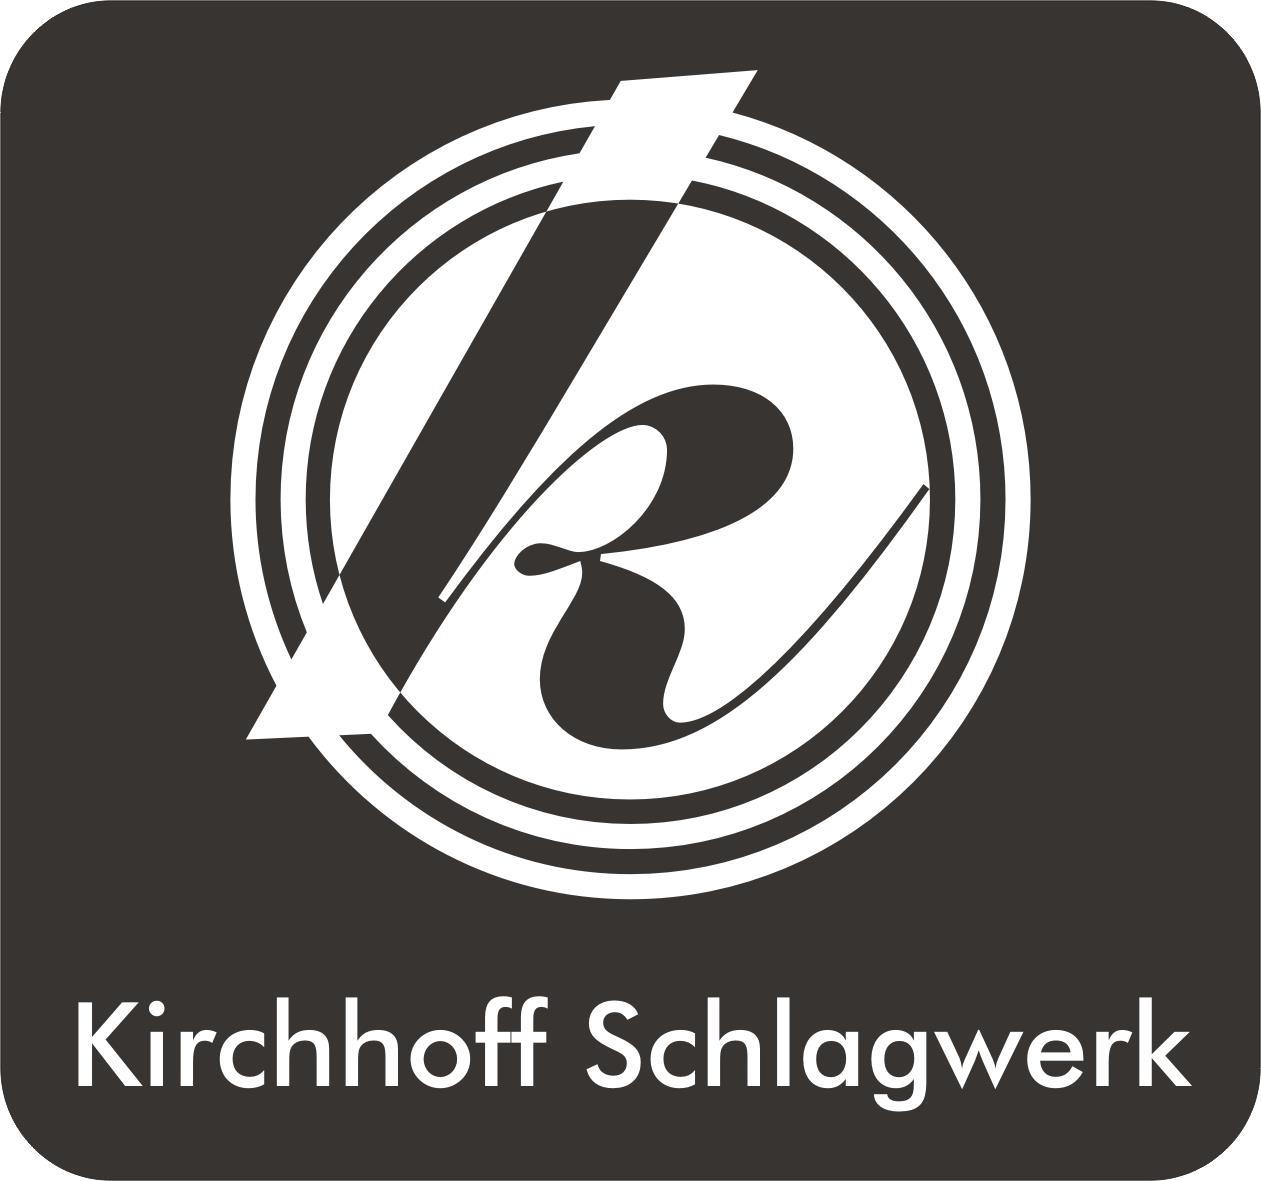 logo-kirchhoff